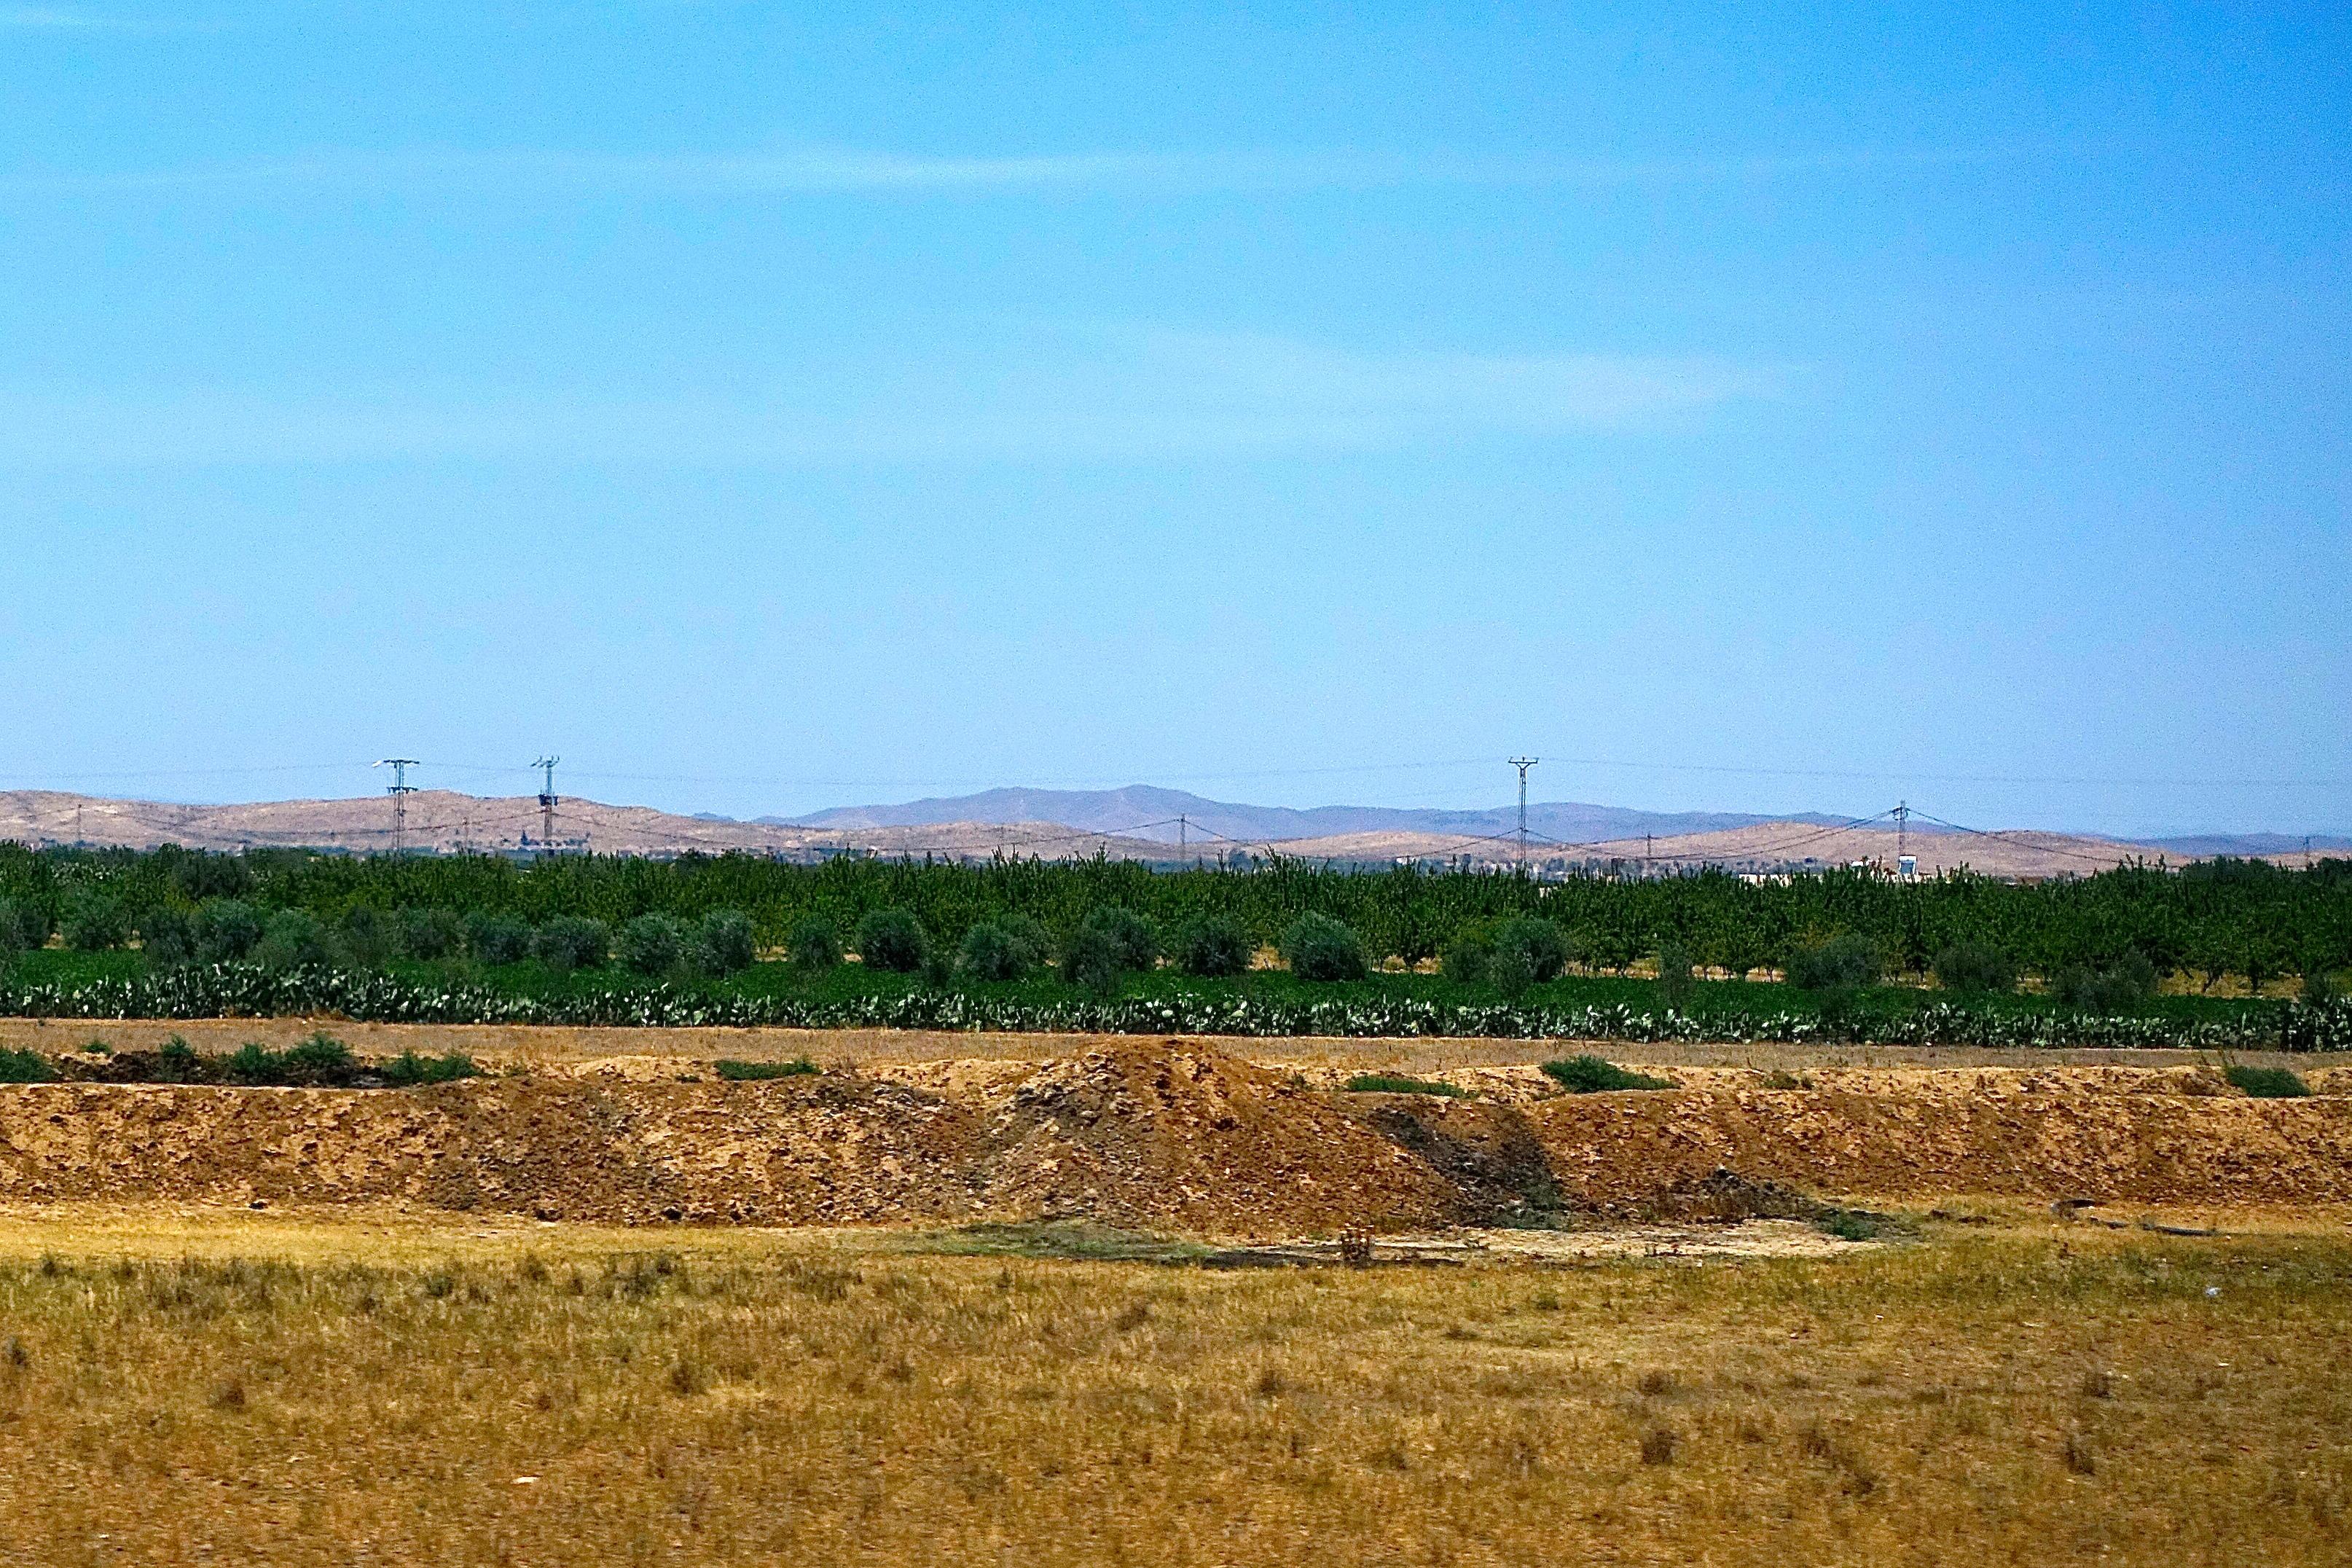 Tunisia. Cactus Fences